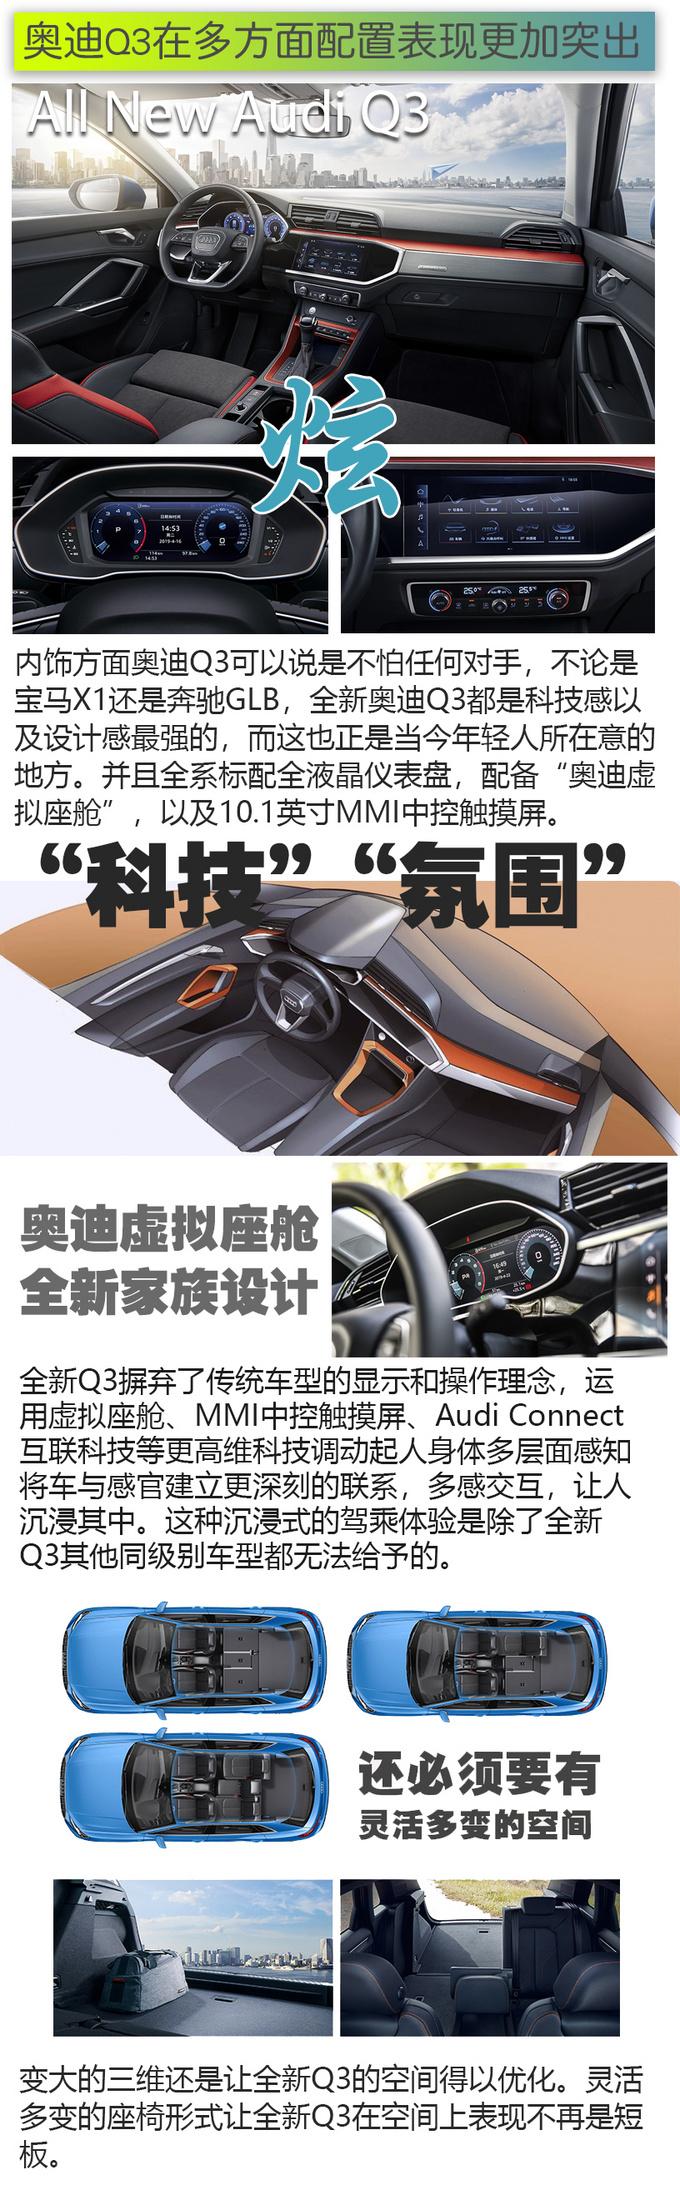 奥迪Q3/宝马X1/奔驰GLB 究竟是谁重新定义豪华SUV-图6